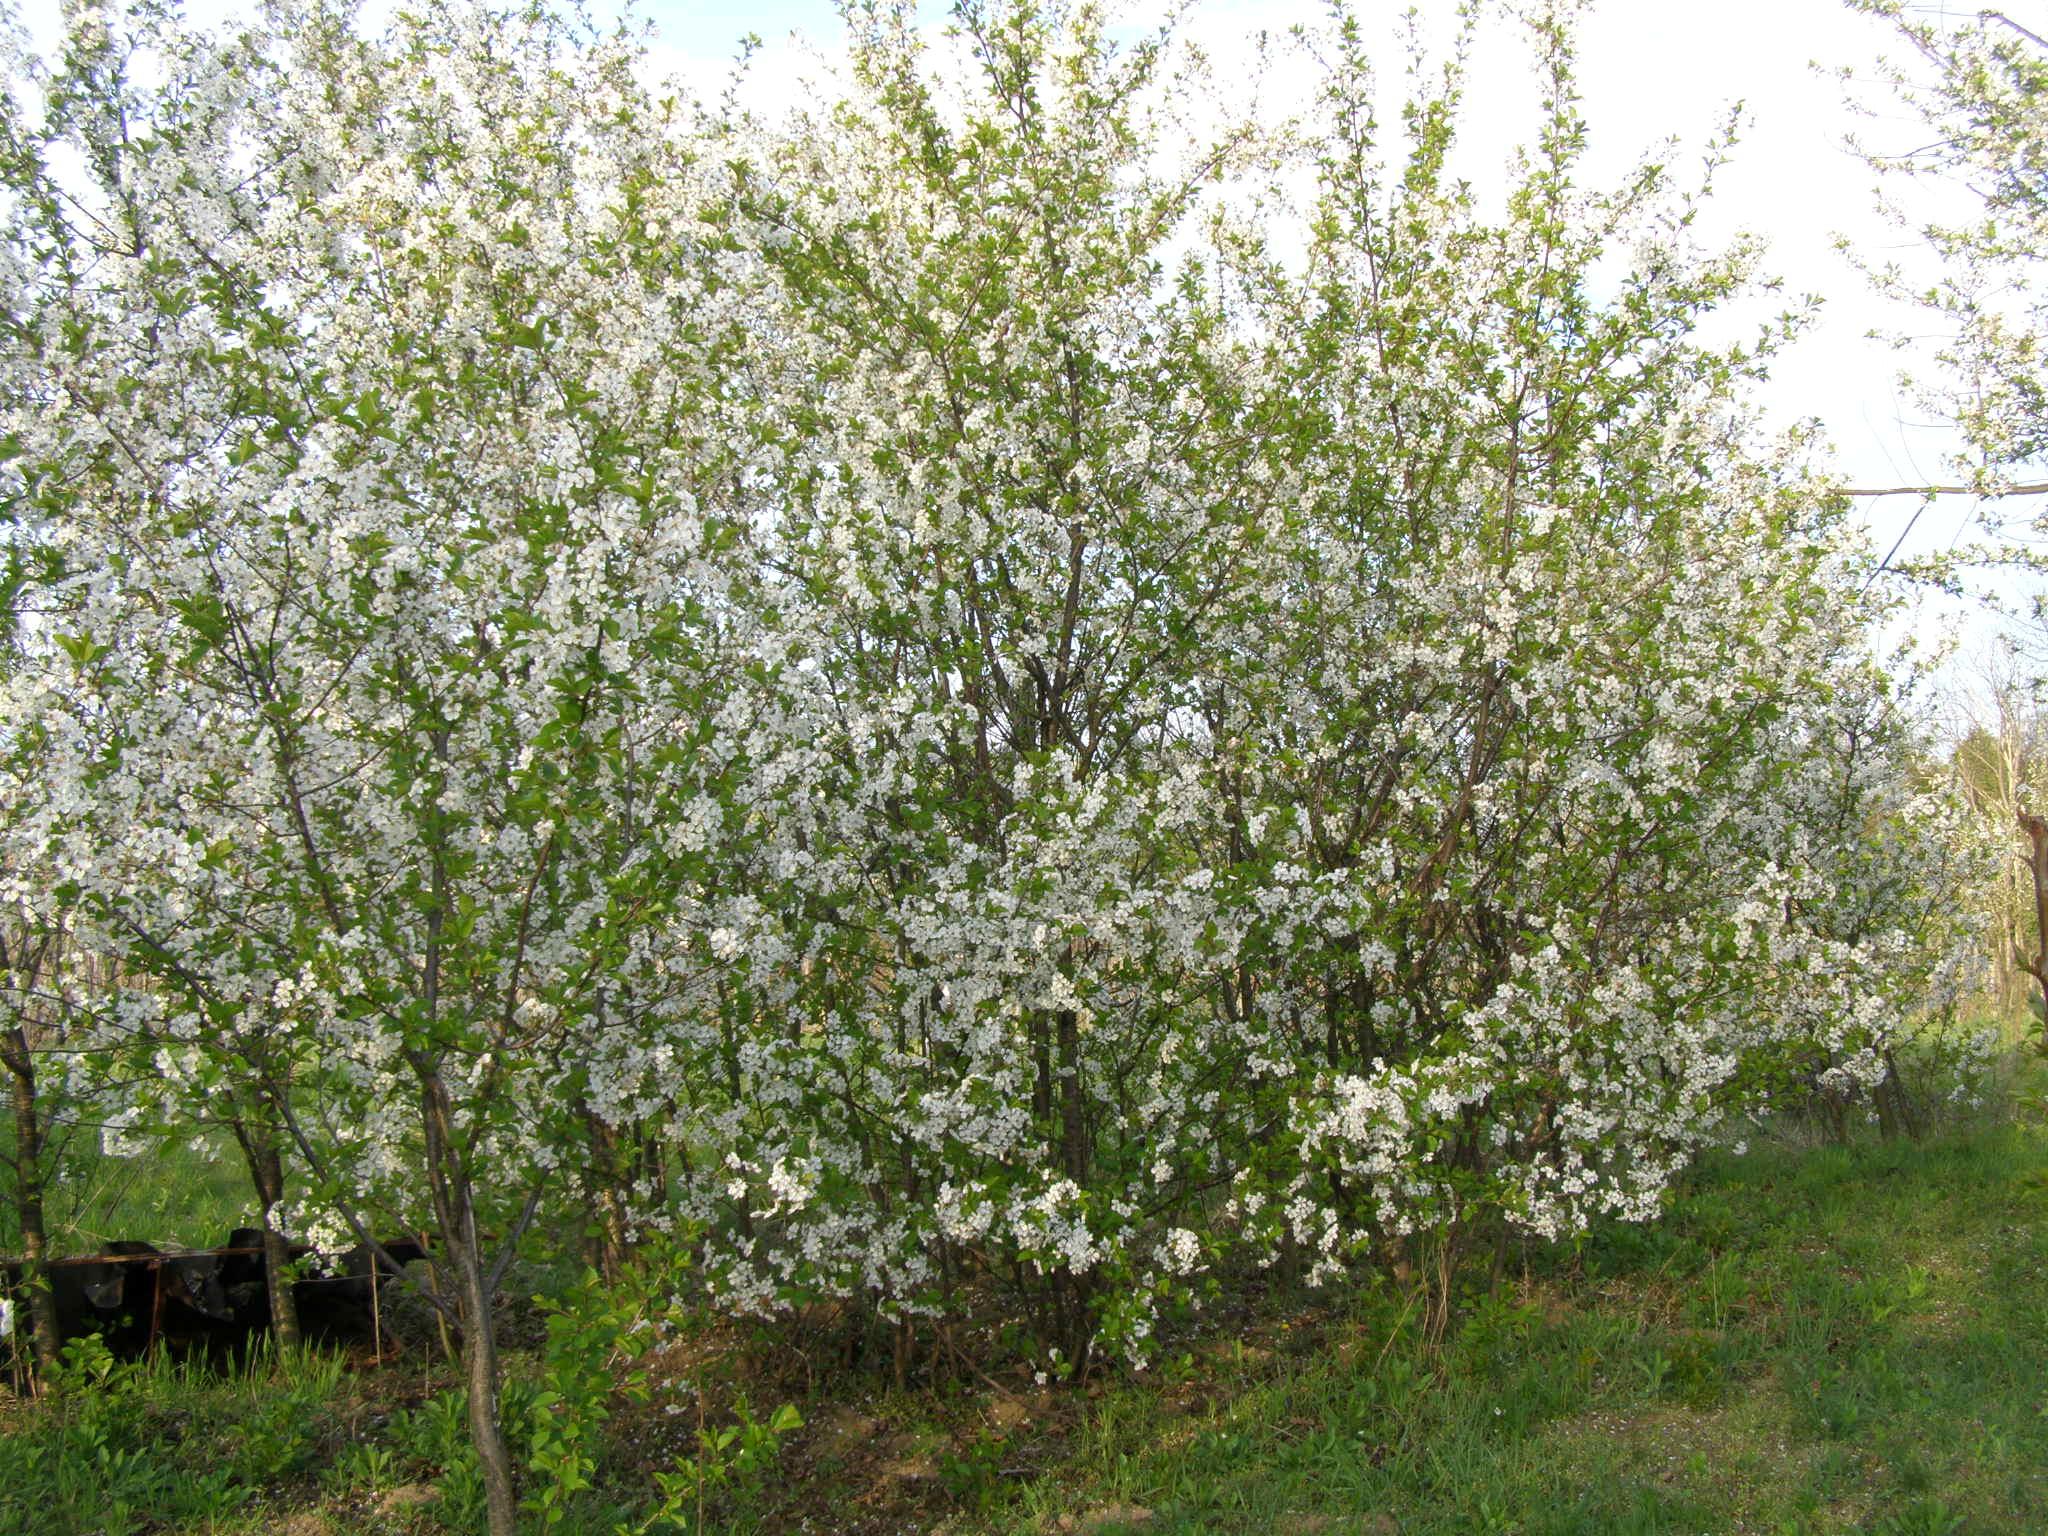 višnje u cvatu